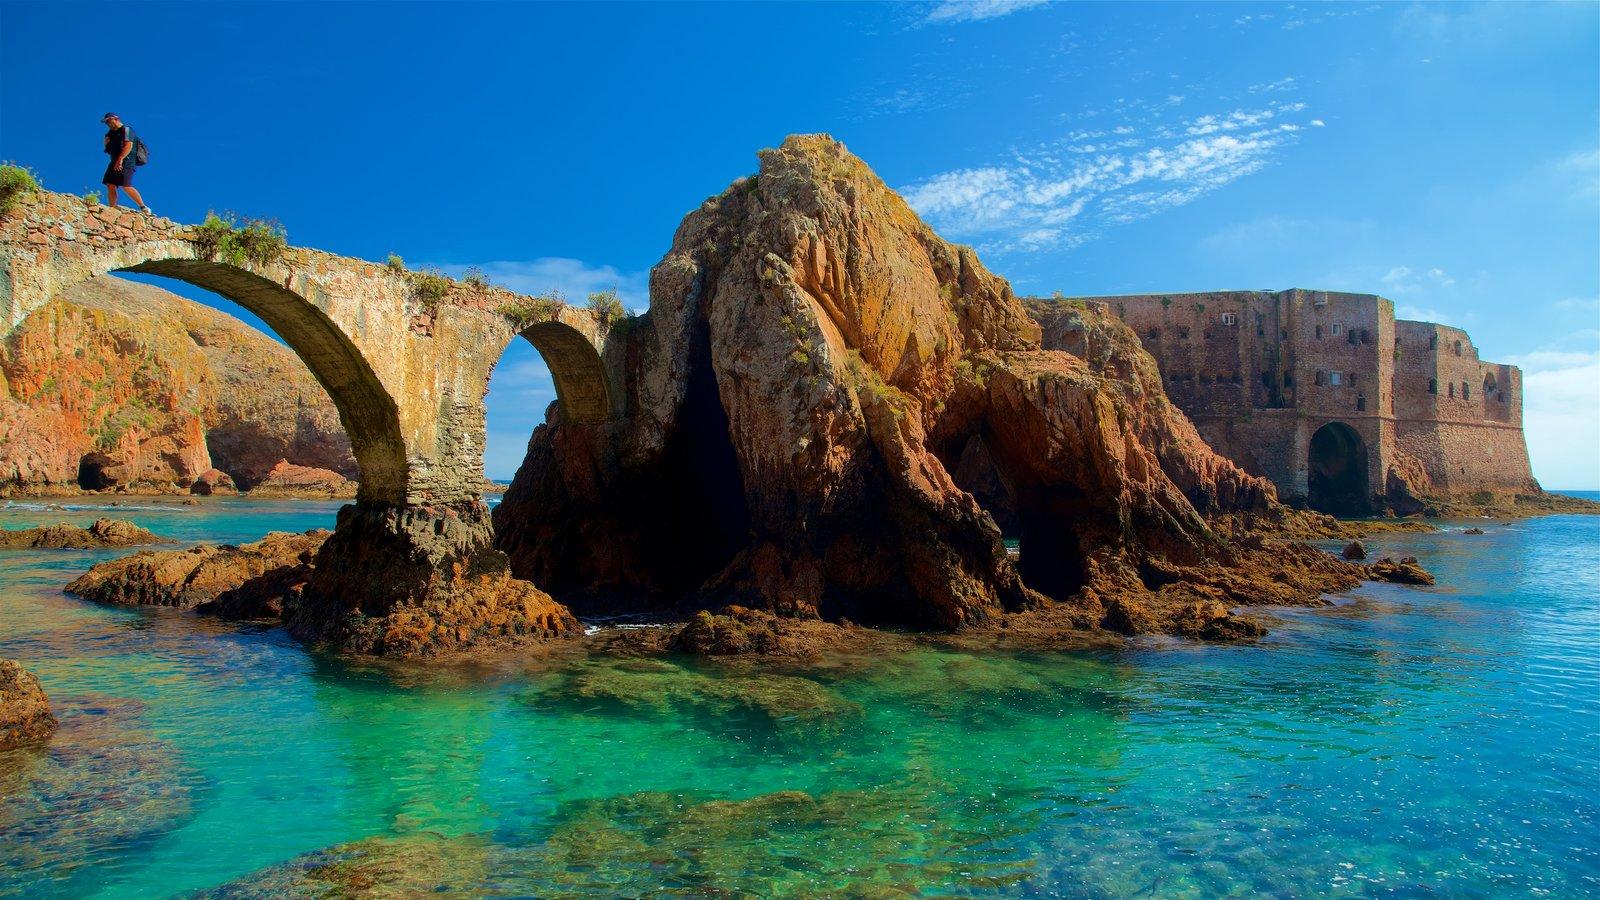 Isla de Berlenga mostrando elementos del patrimonio, costa rocosa y vistas generales de la costa